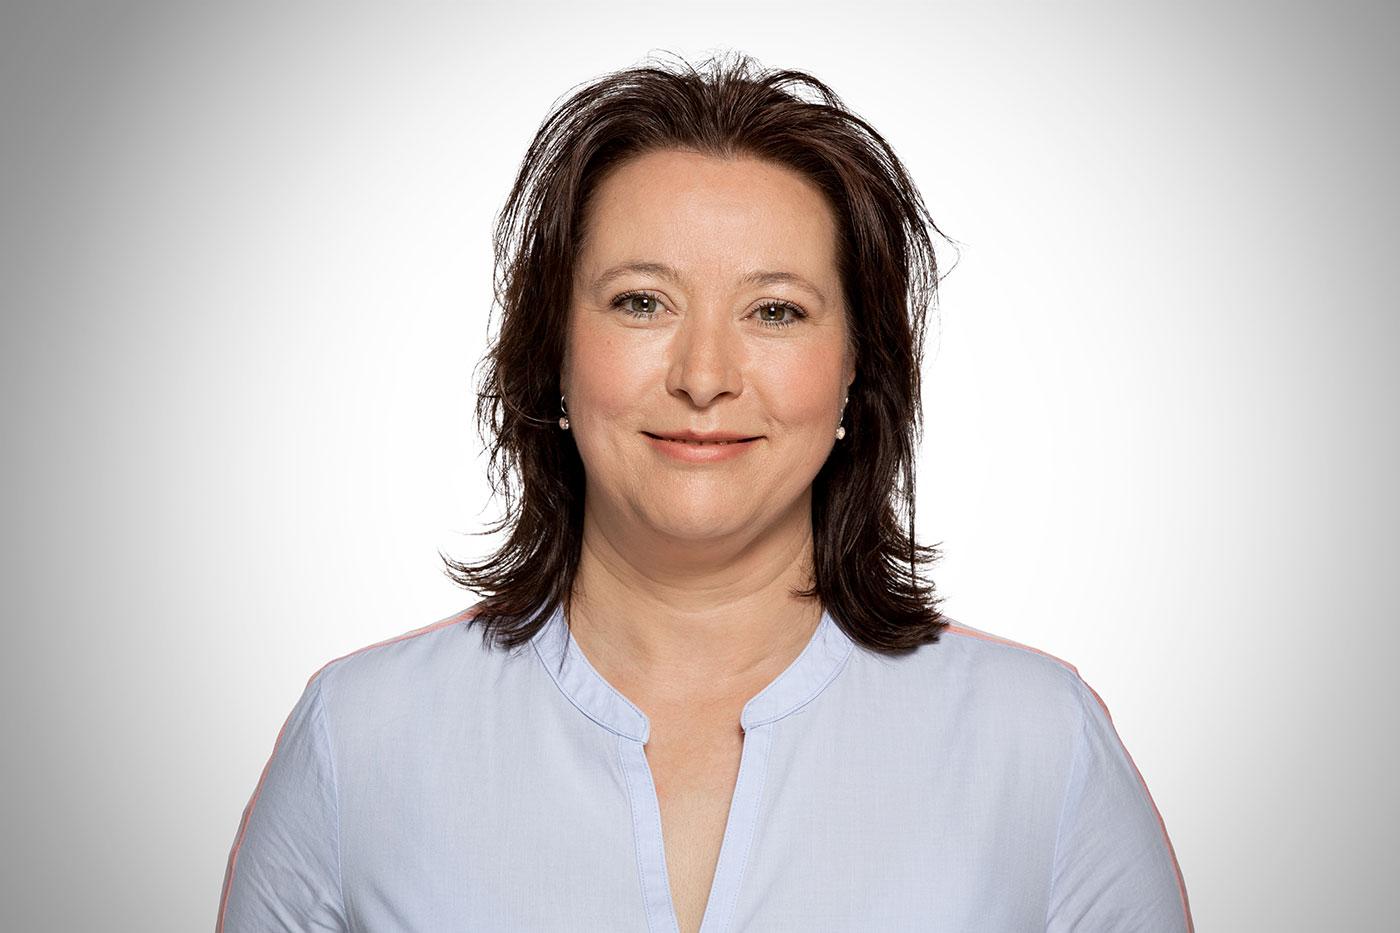 Martina Bos